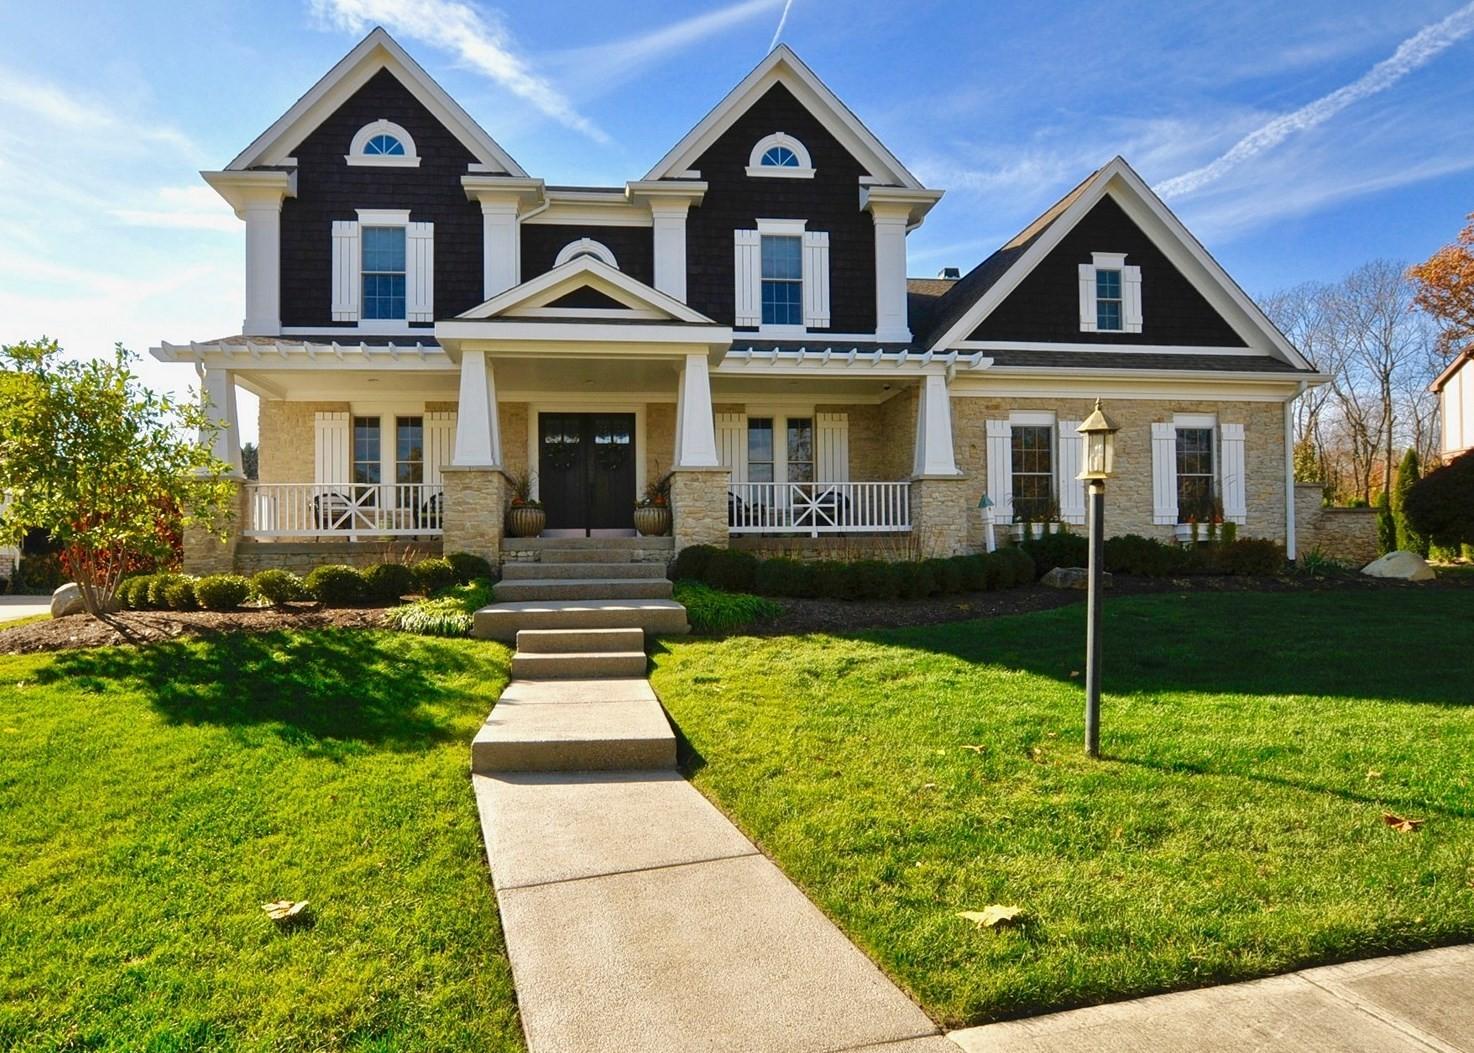 Casa para uma família para Venda às Custom Arts & Craftsman Home 5331 Randolph Crescent Carmel, Indiana, 46033 Estados Unidos